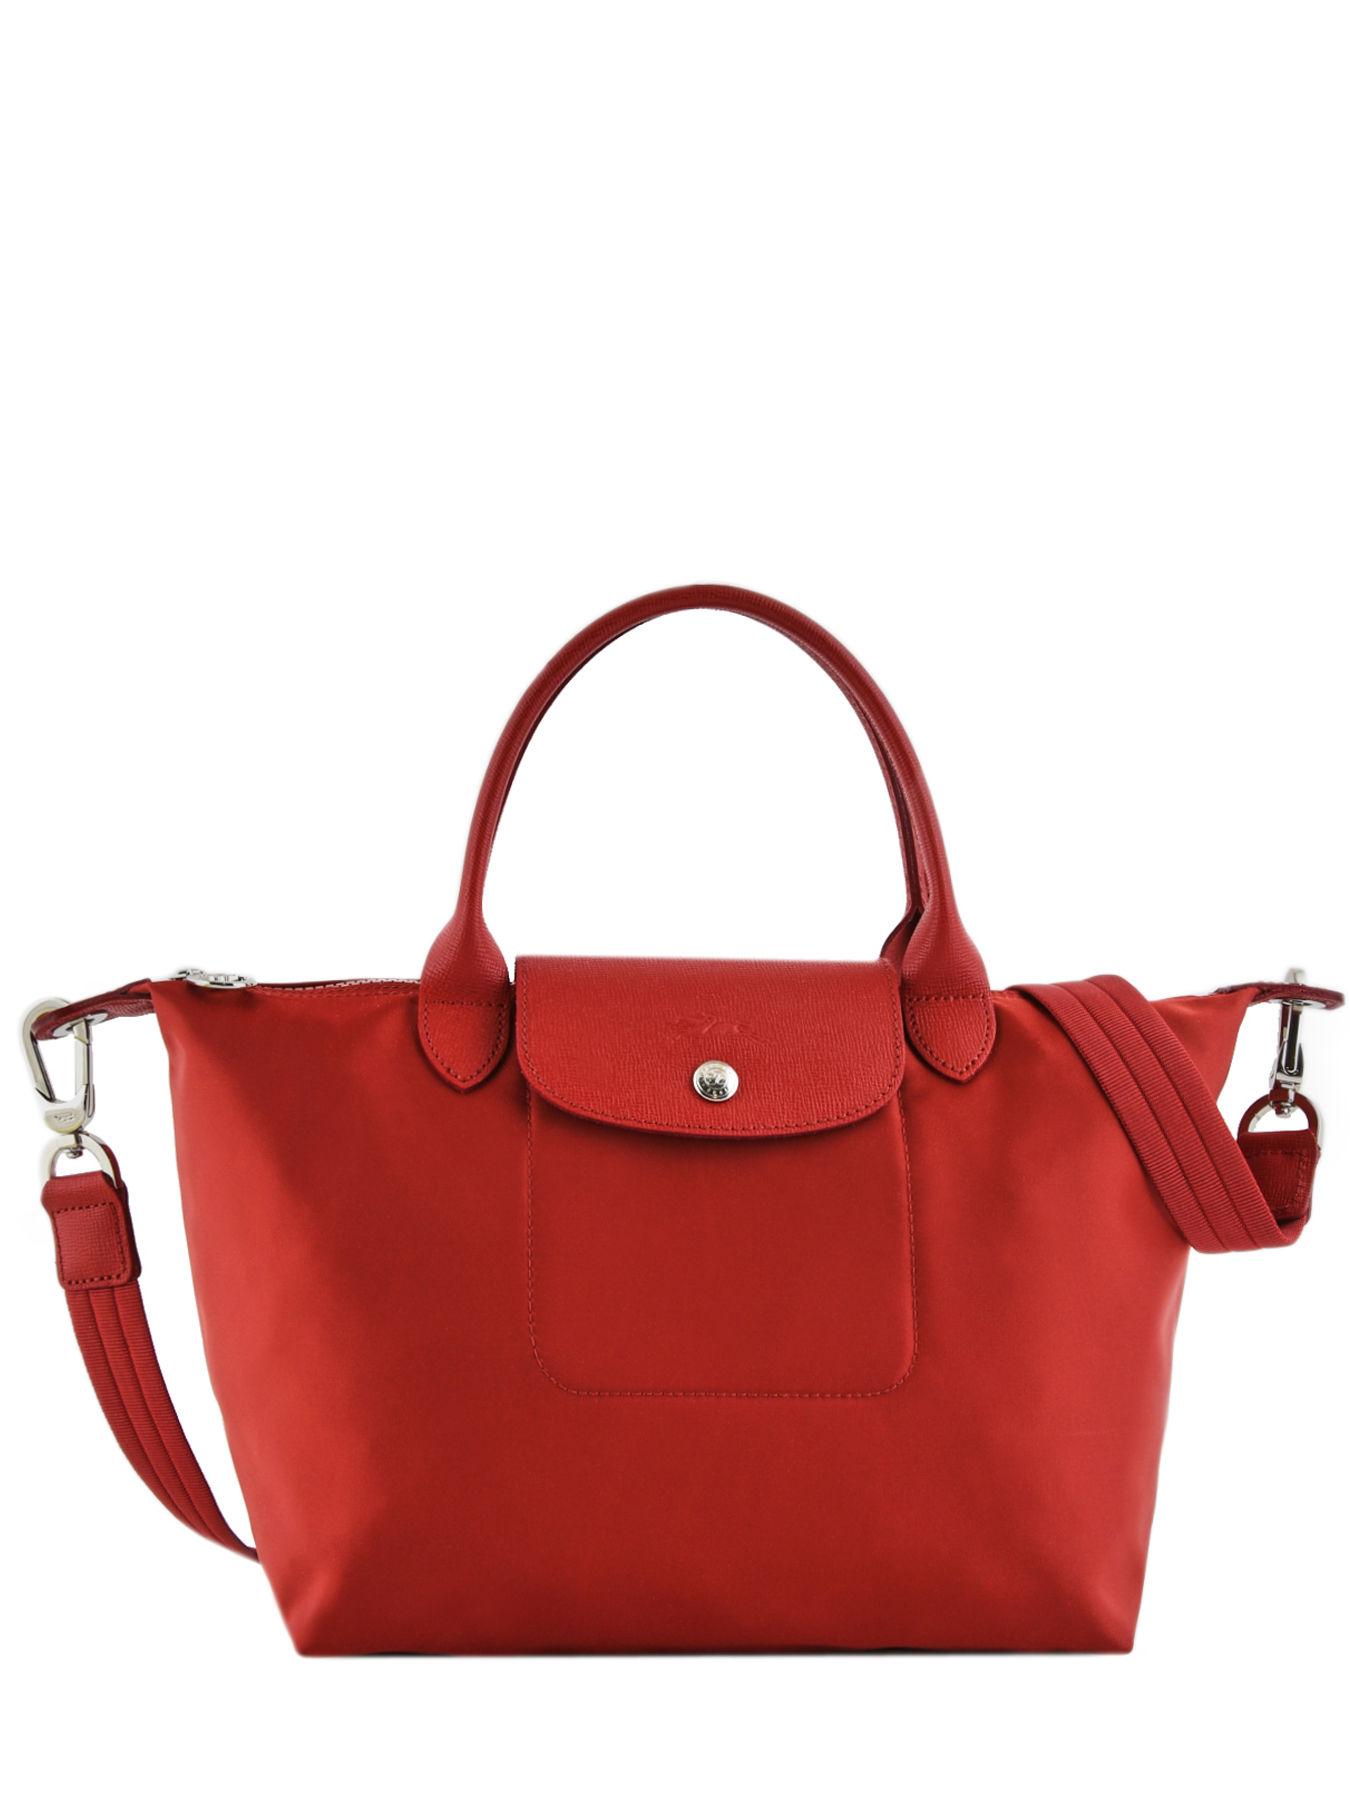 sacs port main longchamp le pliage neo rouge en vente au meilleur prix. Black Bedroom Furniture Sets. Home Design Ideas